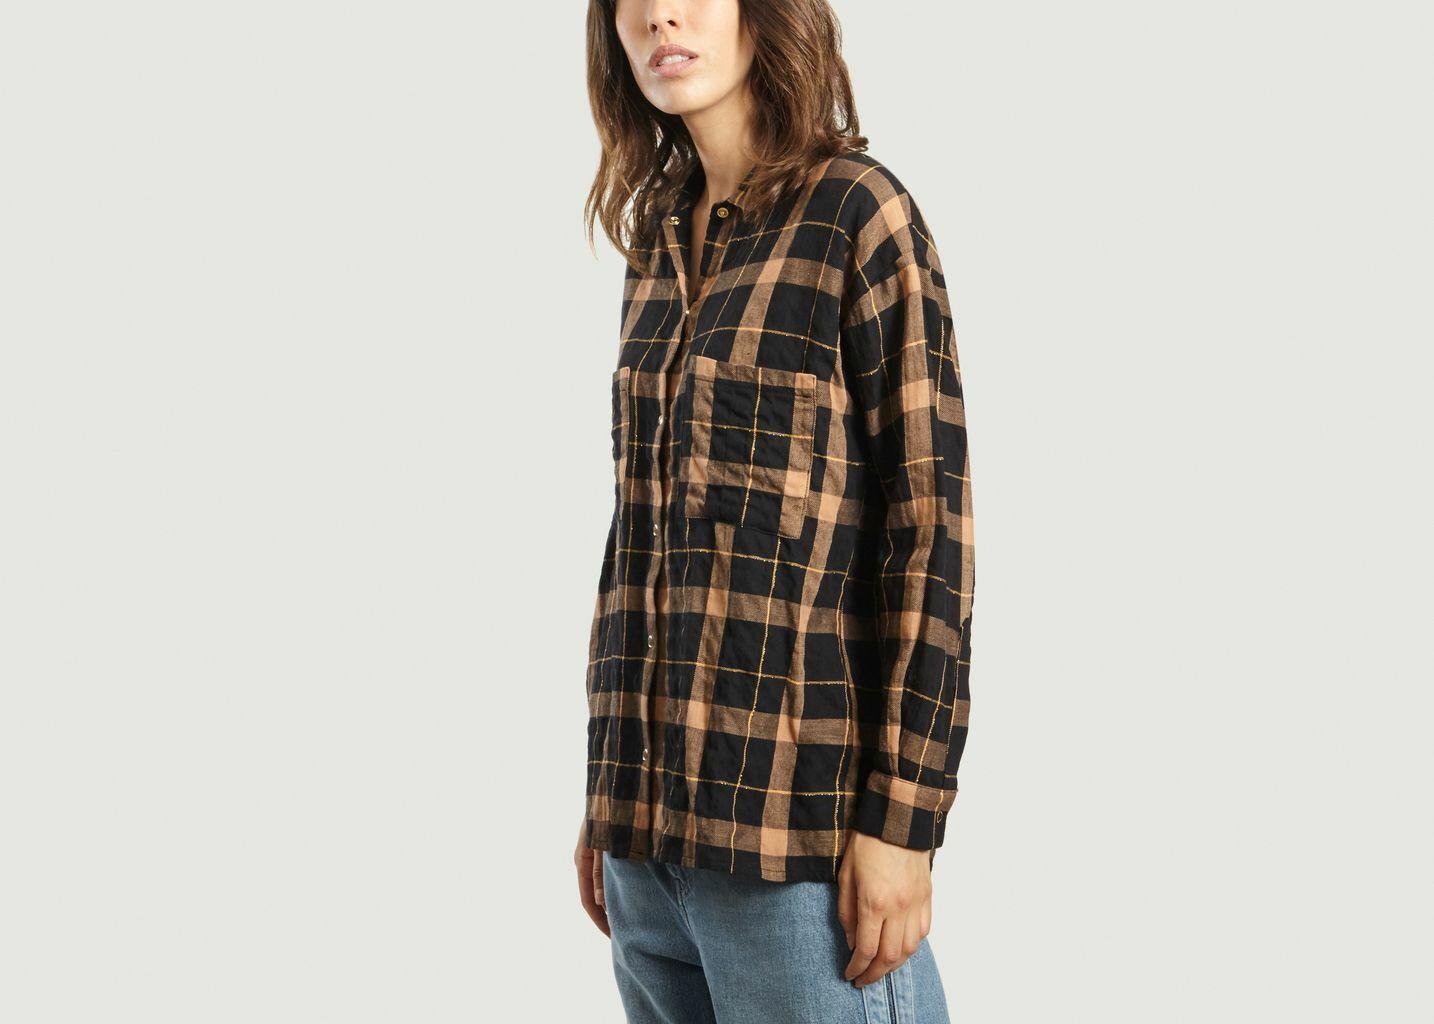 MAISON OLGA SZ Small 1 Steven Shirt  NWOT